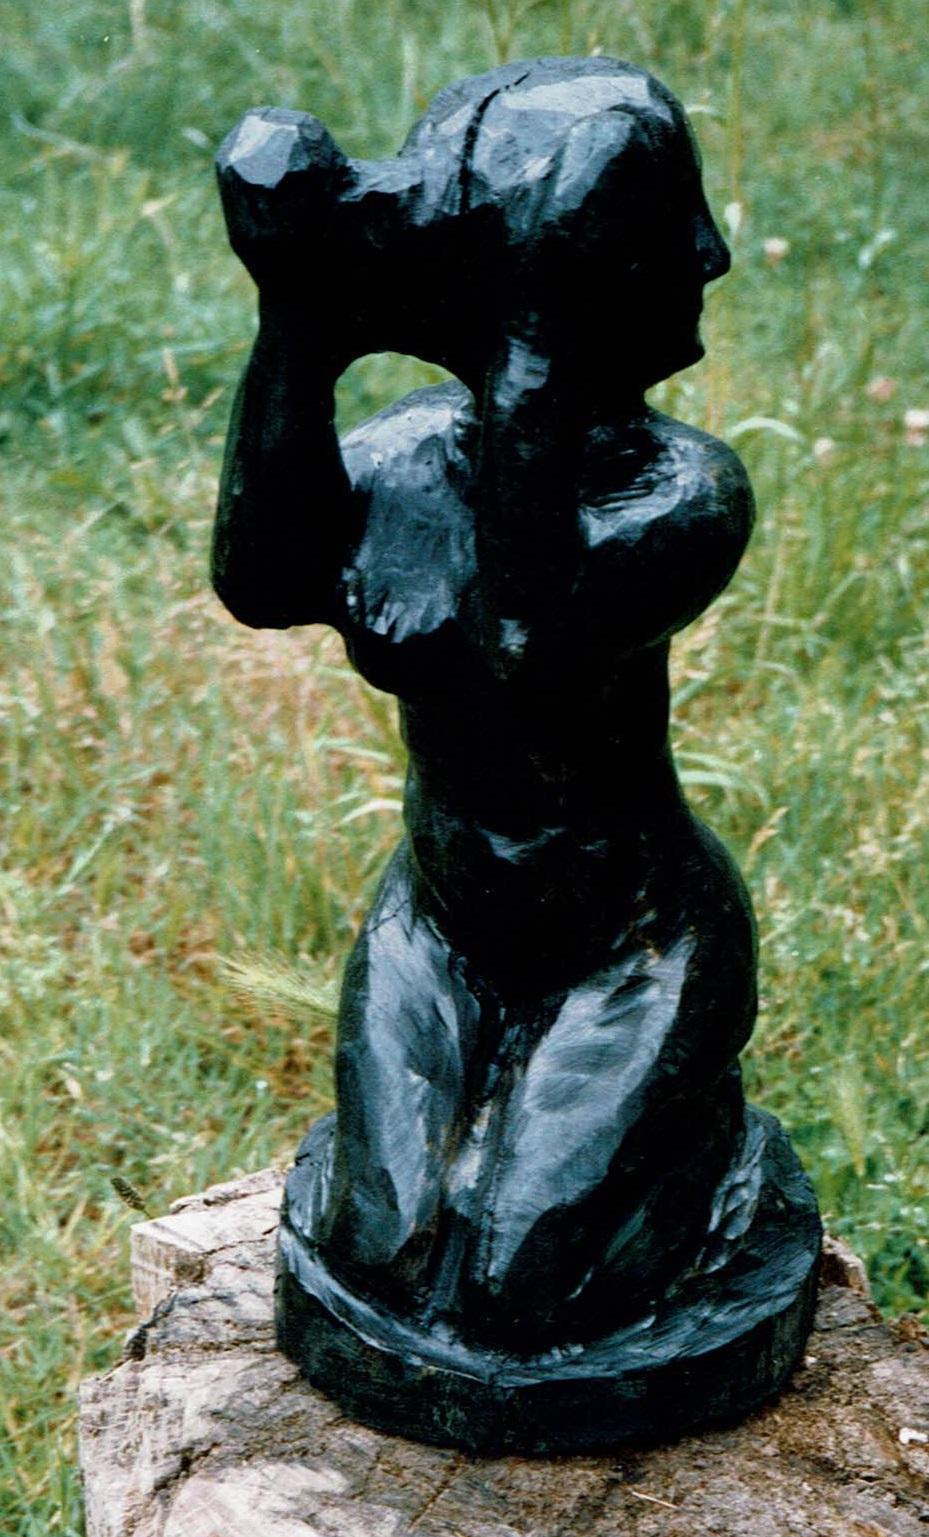 Figurine à genoux est conçue à partir d'acacia par Chris Le Guen